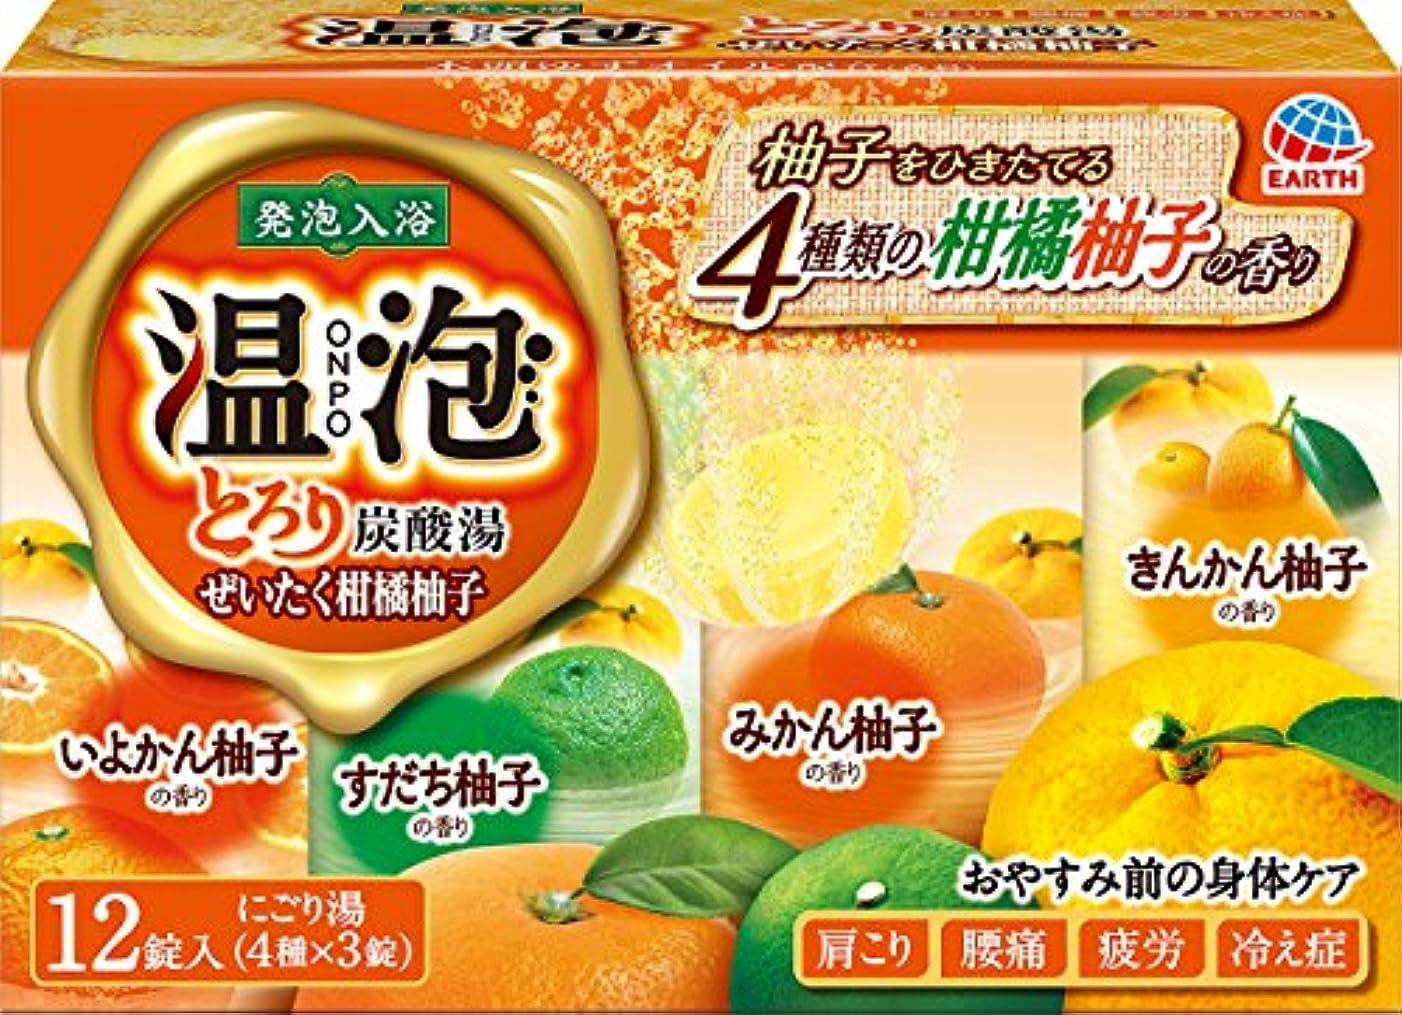 不愉快視力ローズアース製薬 温泡 ONPO とろり炭酸湯 ぜいたく柑橘柚子 入浴剤 12錠入(3錠x4種) [医薬部外品]